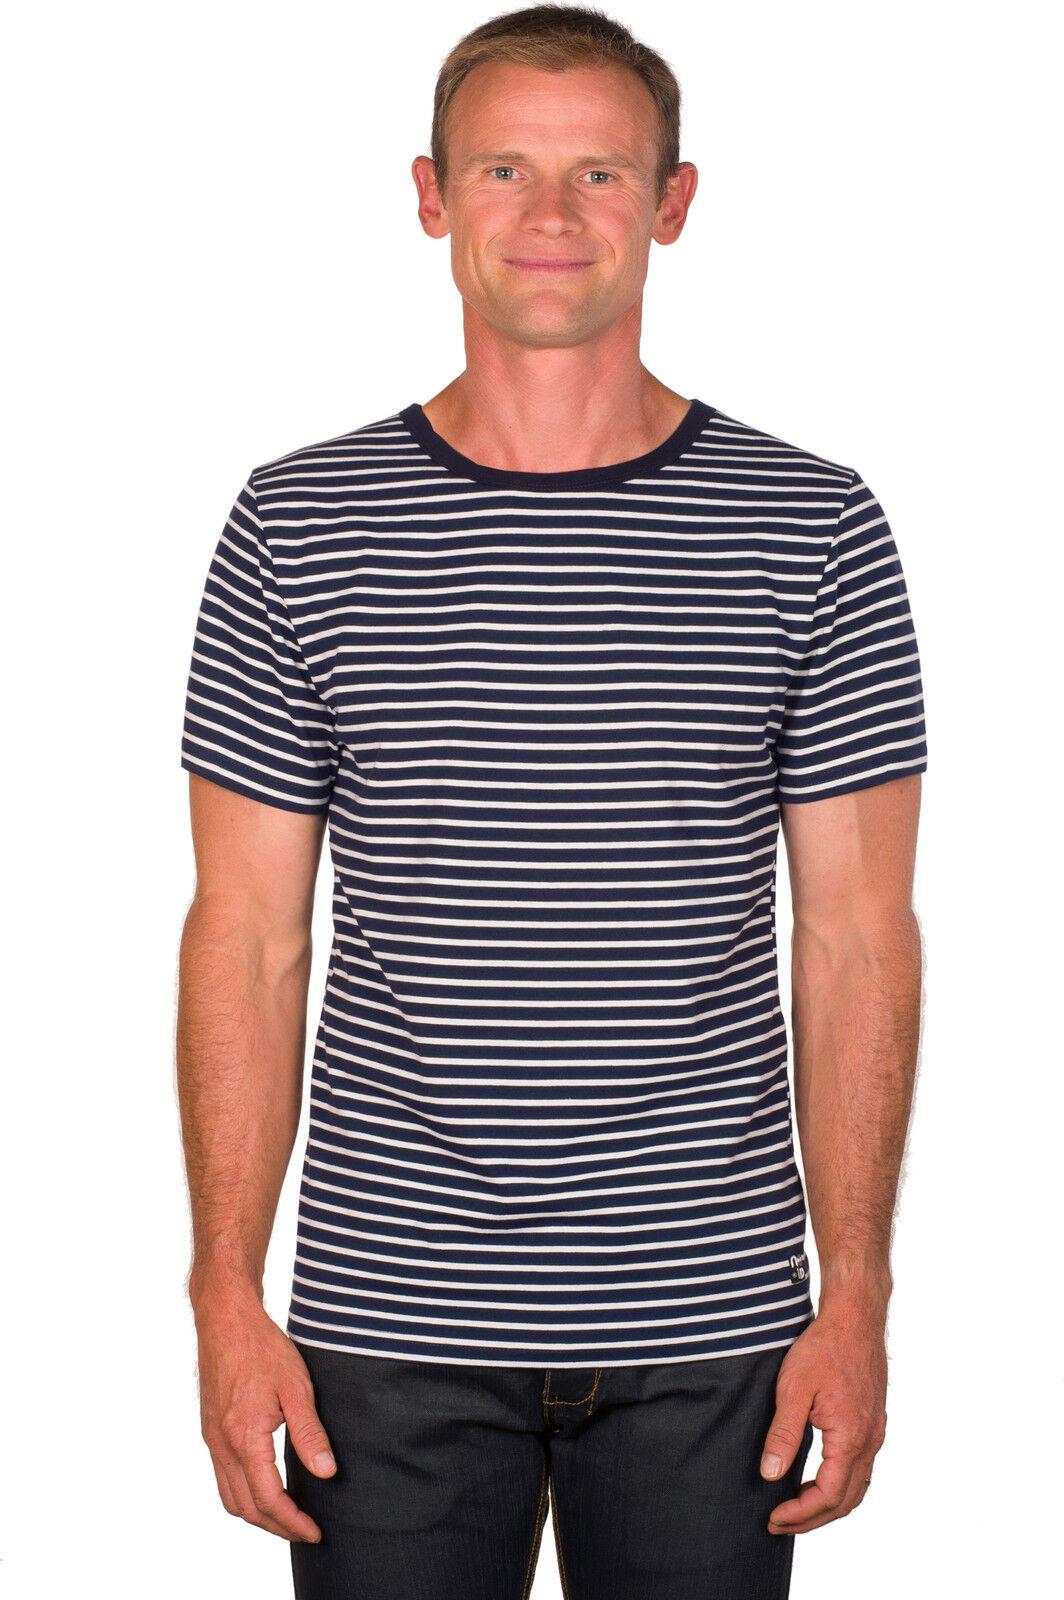 Ugholin Herren Baumwolle Blau und Weiß Gestreiften Kurzarm T-Shirt